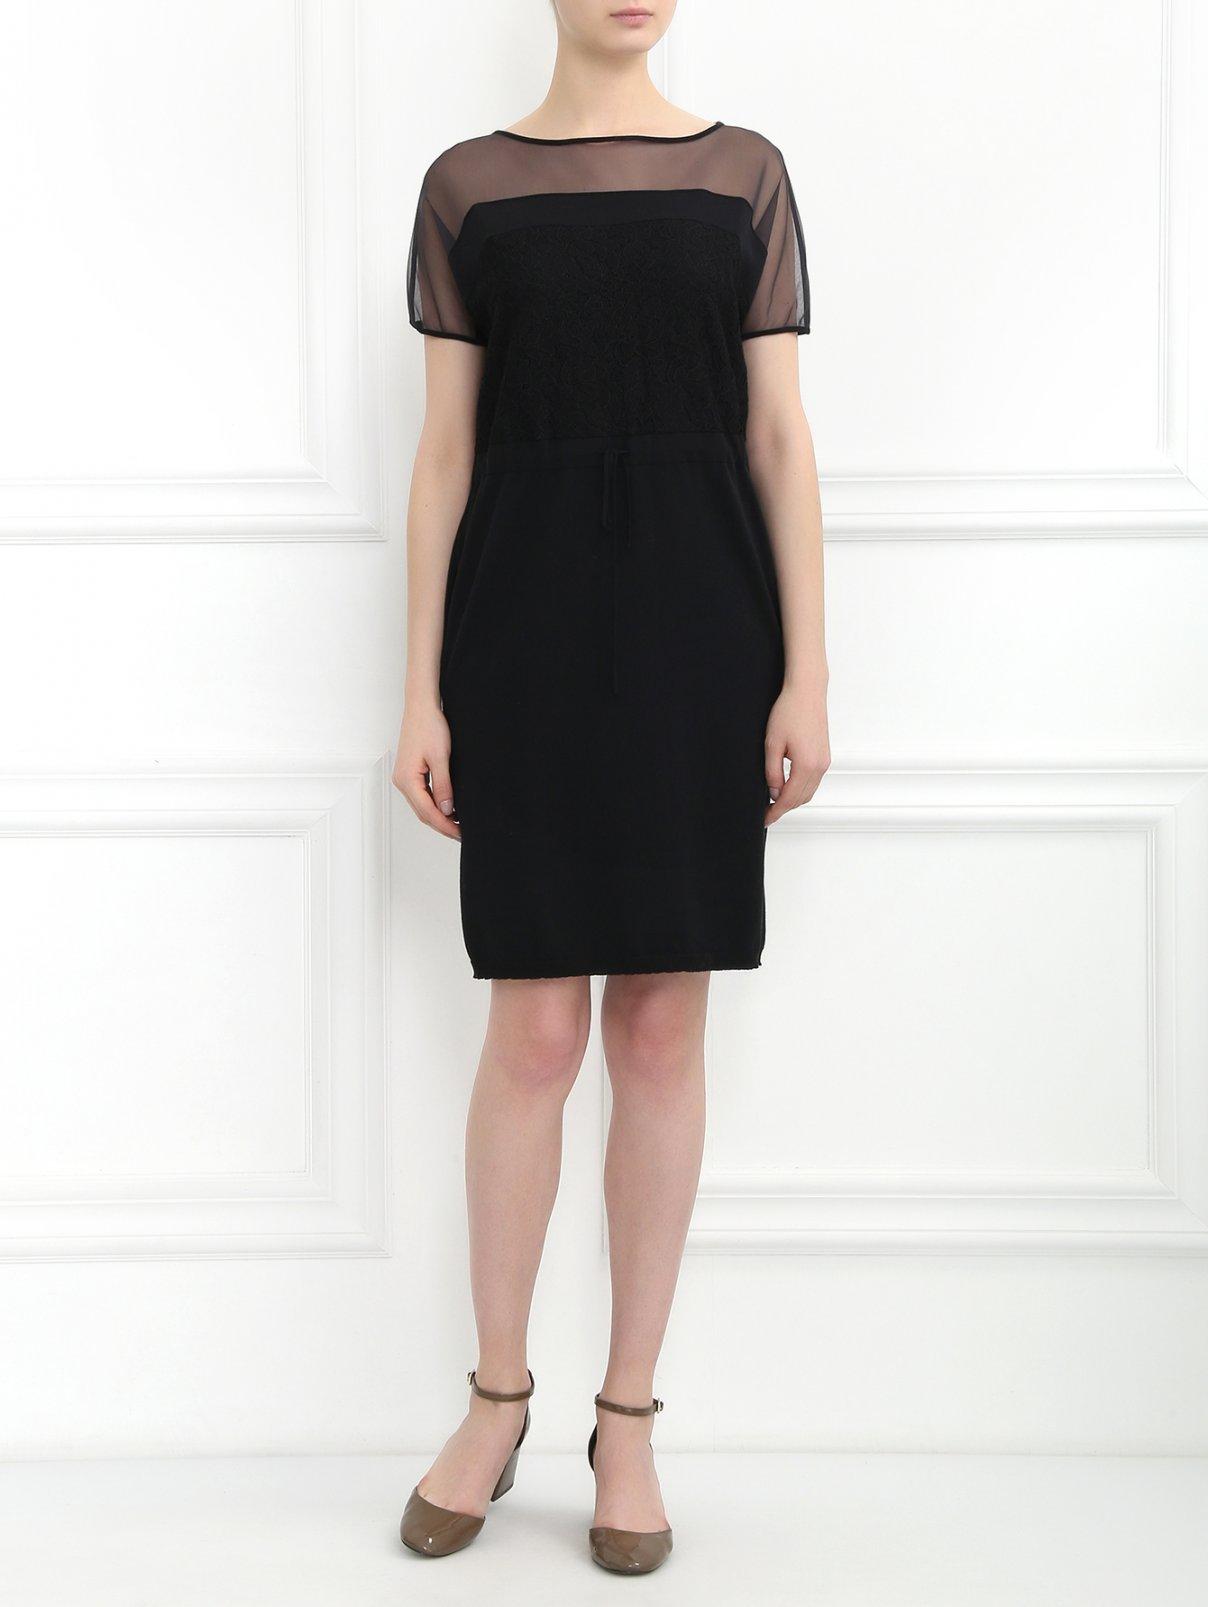 Платье с кружевом и полупрозрачной вставкой Antonio Marras  –  Модель Общий вид